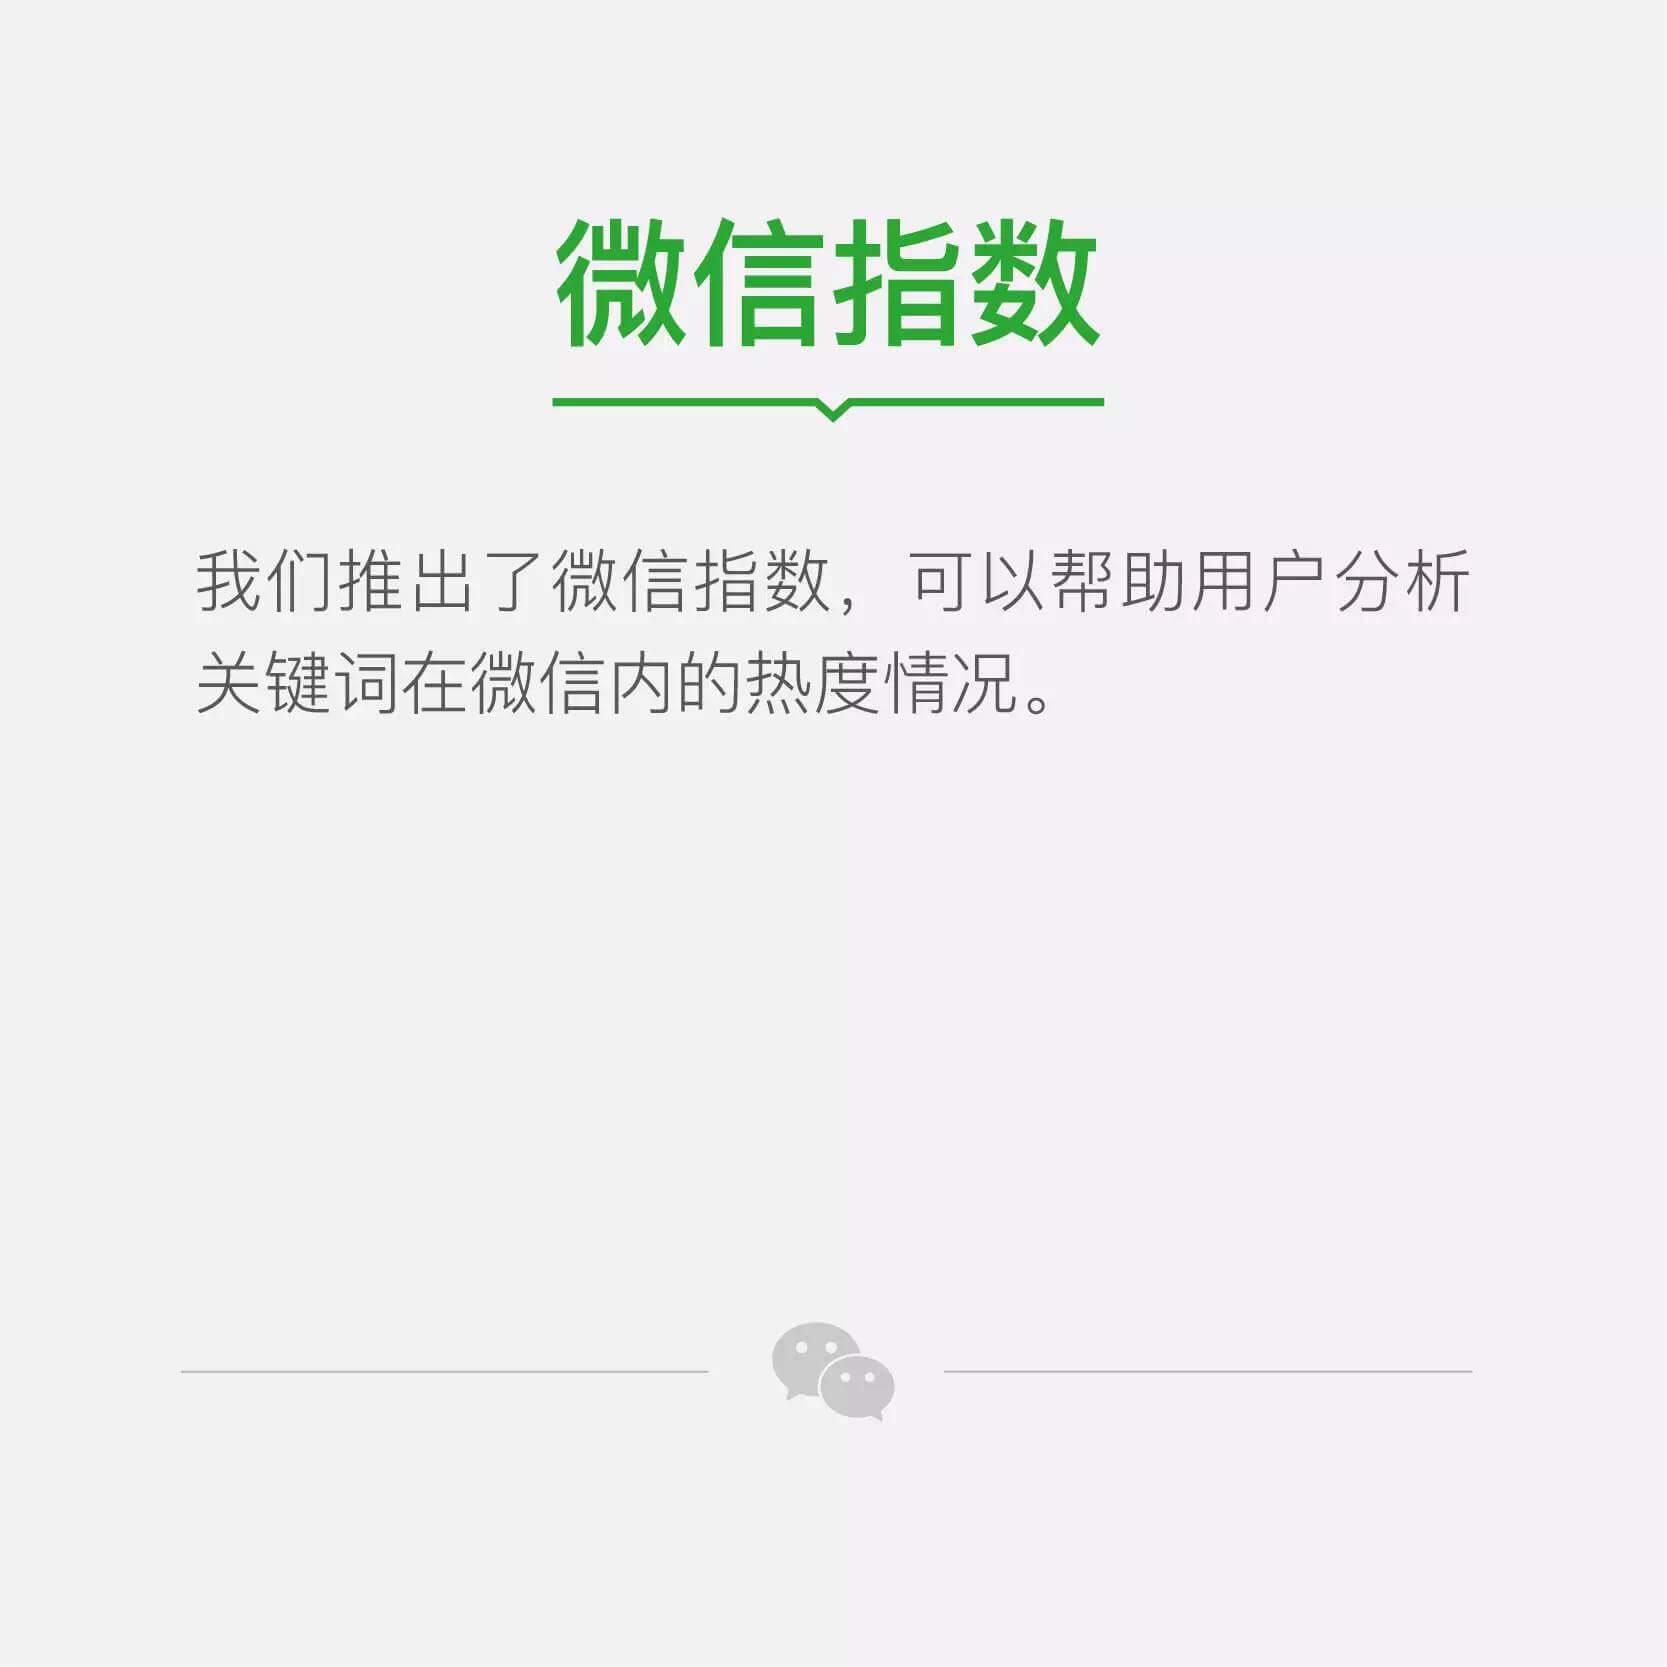 WeChat 06